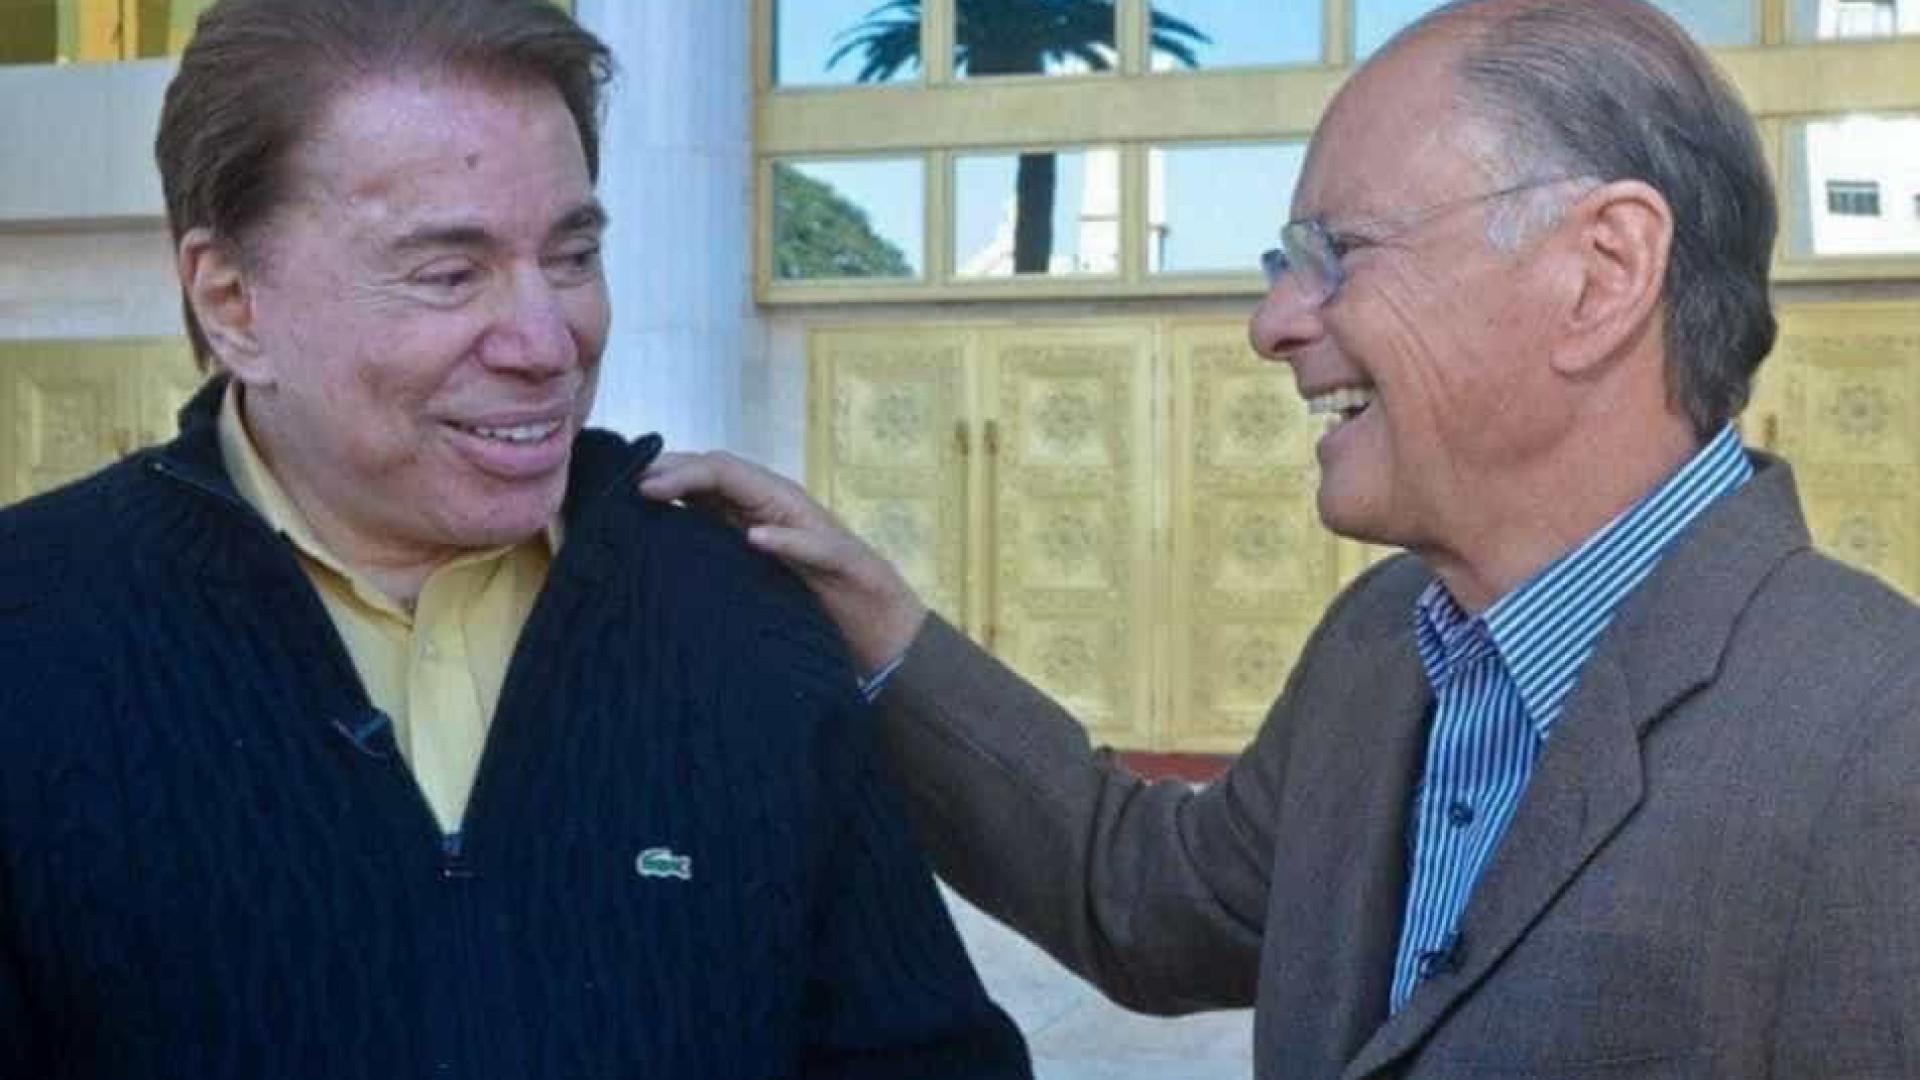 Edir Macedo quer vender programas  religiosos para Silvio Santos